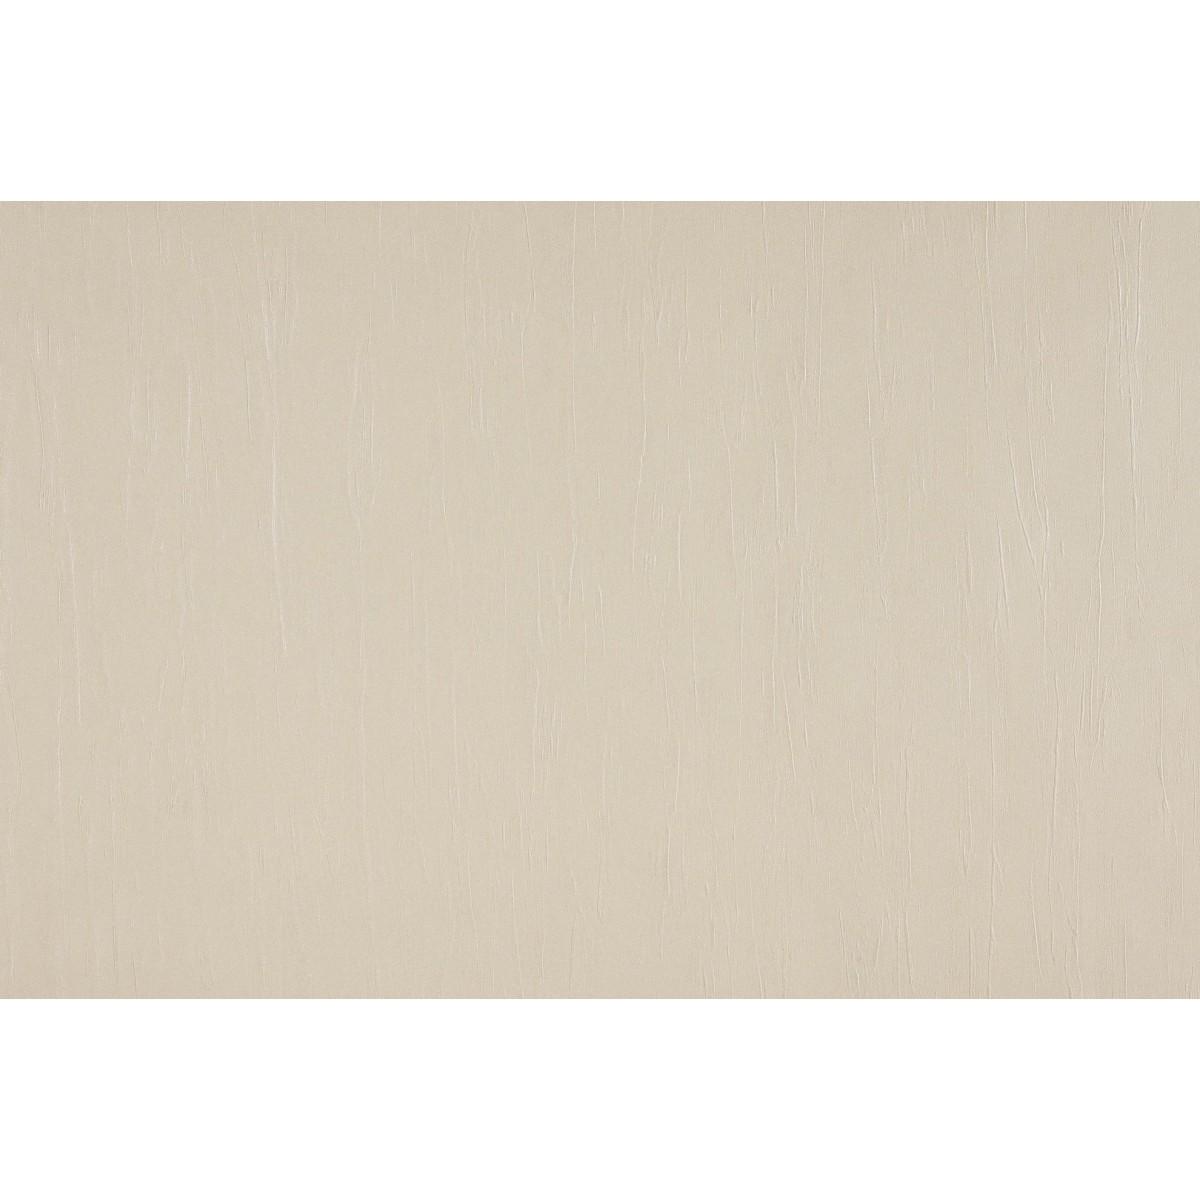 Обои флизелиновые Артекс Ecoline бежевые 1.06 м 10103-02